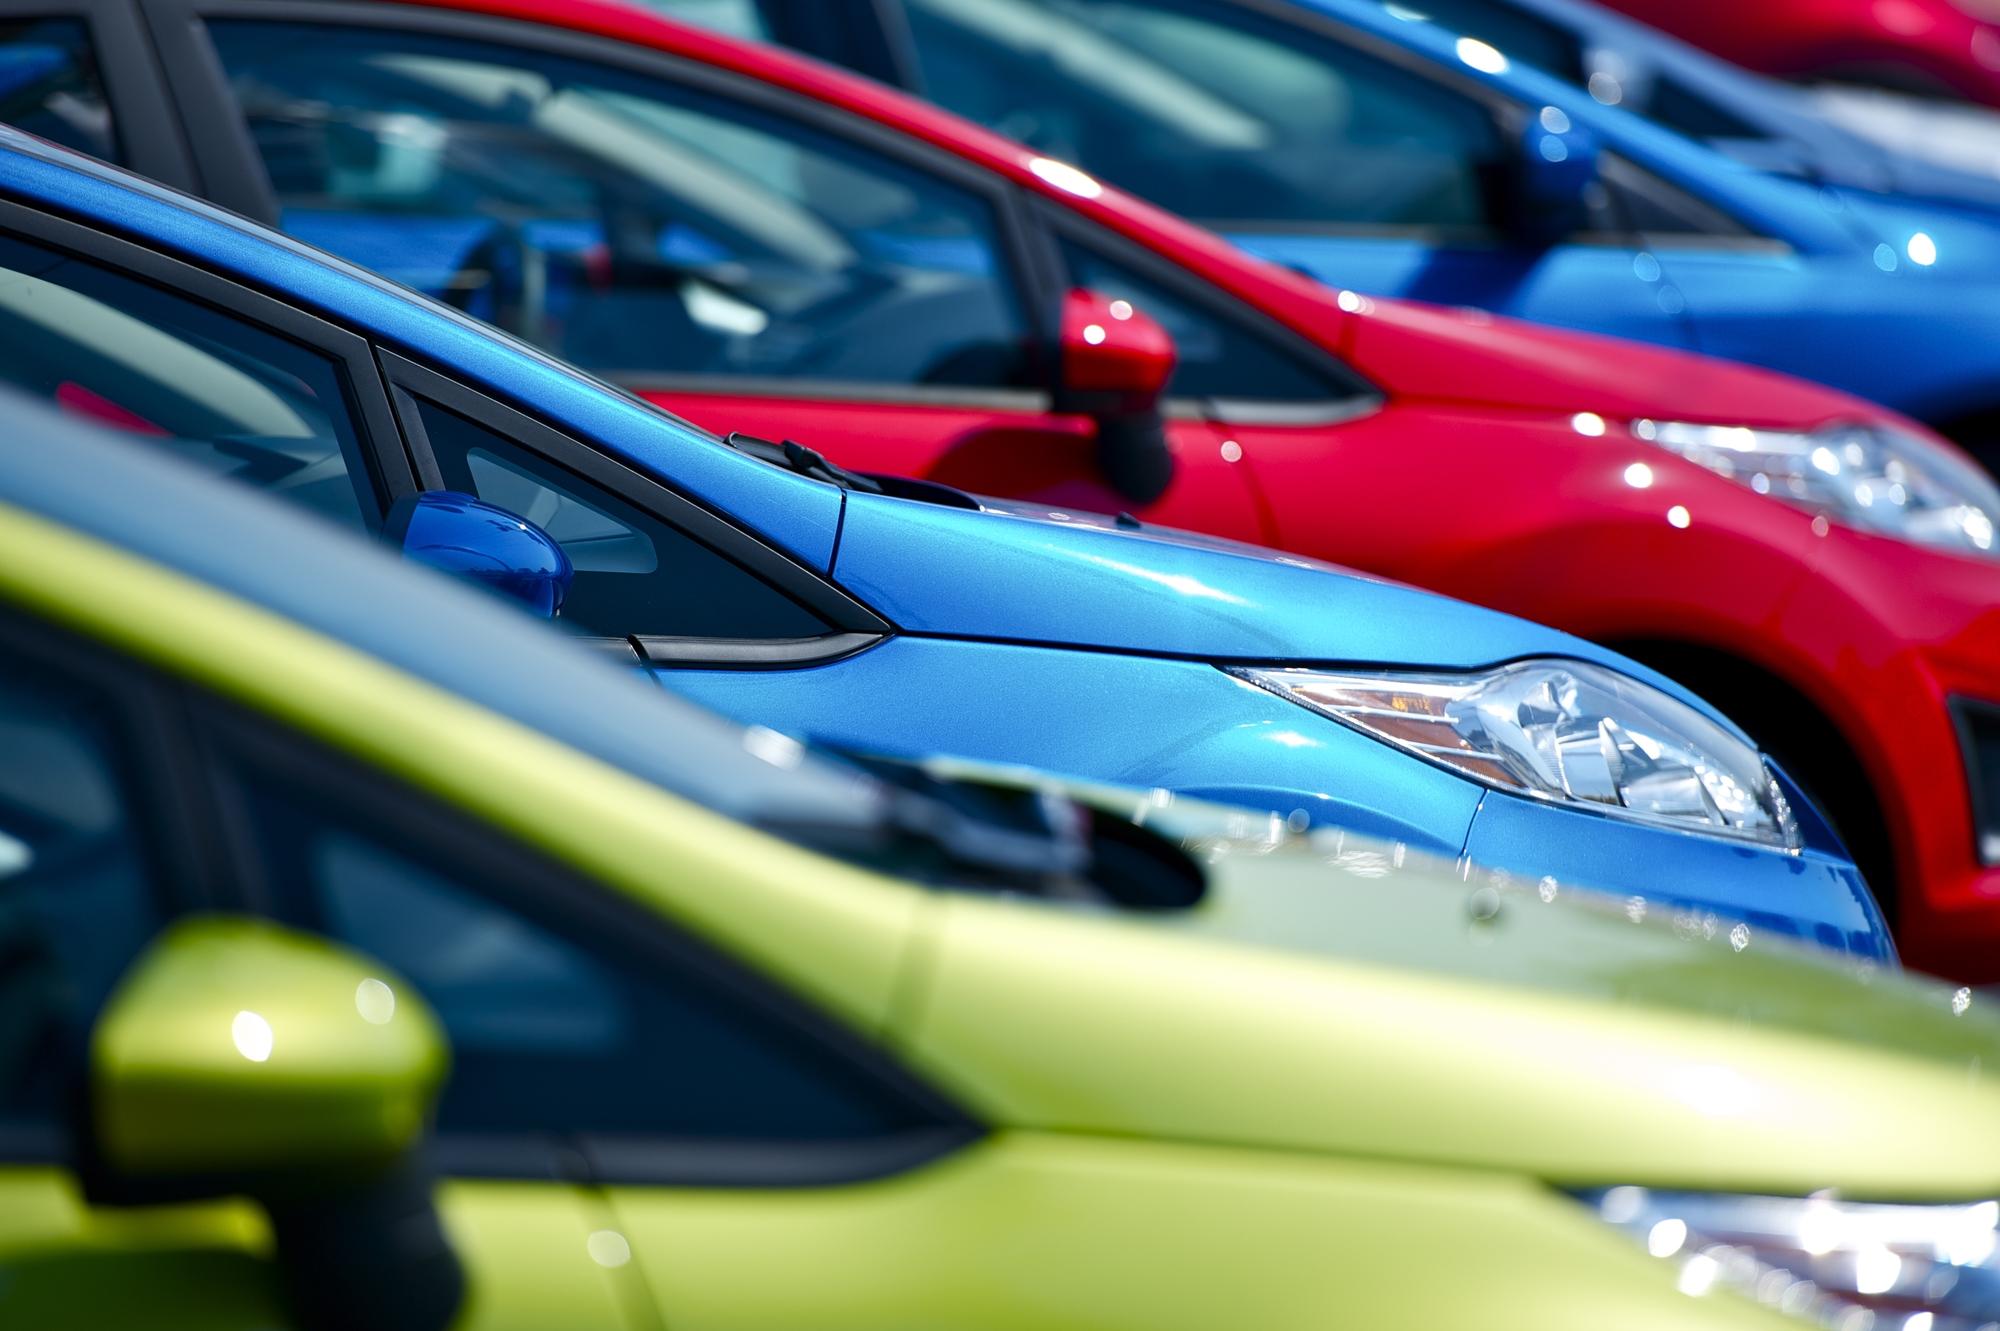 Biler er et af de mest populære transportmidler i den moderne verden